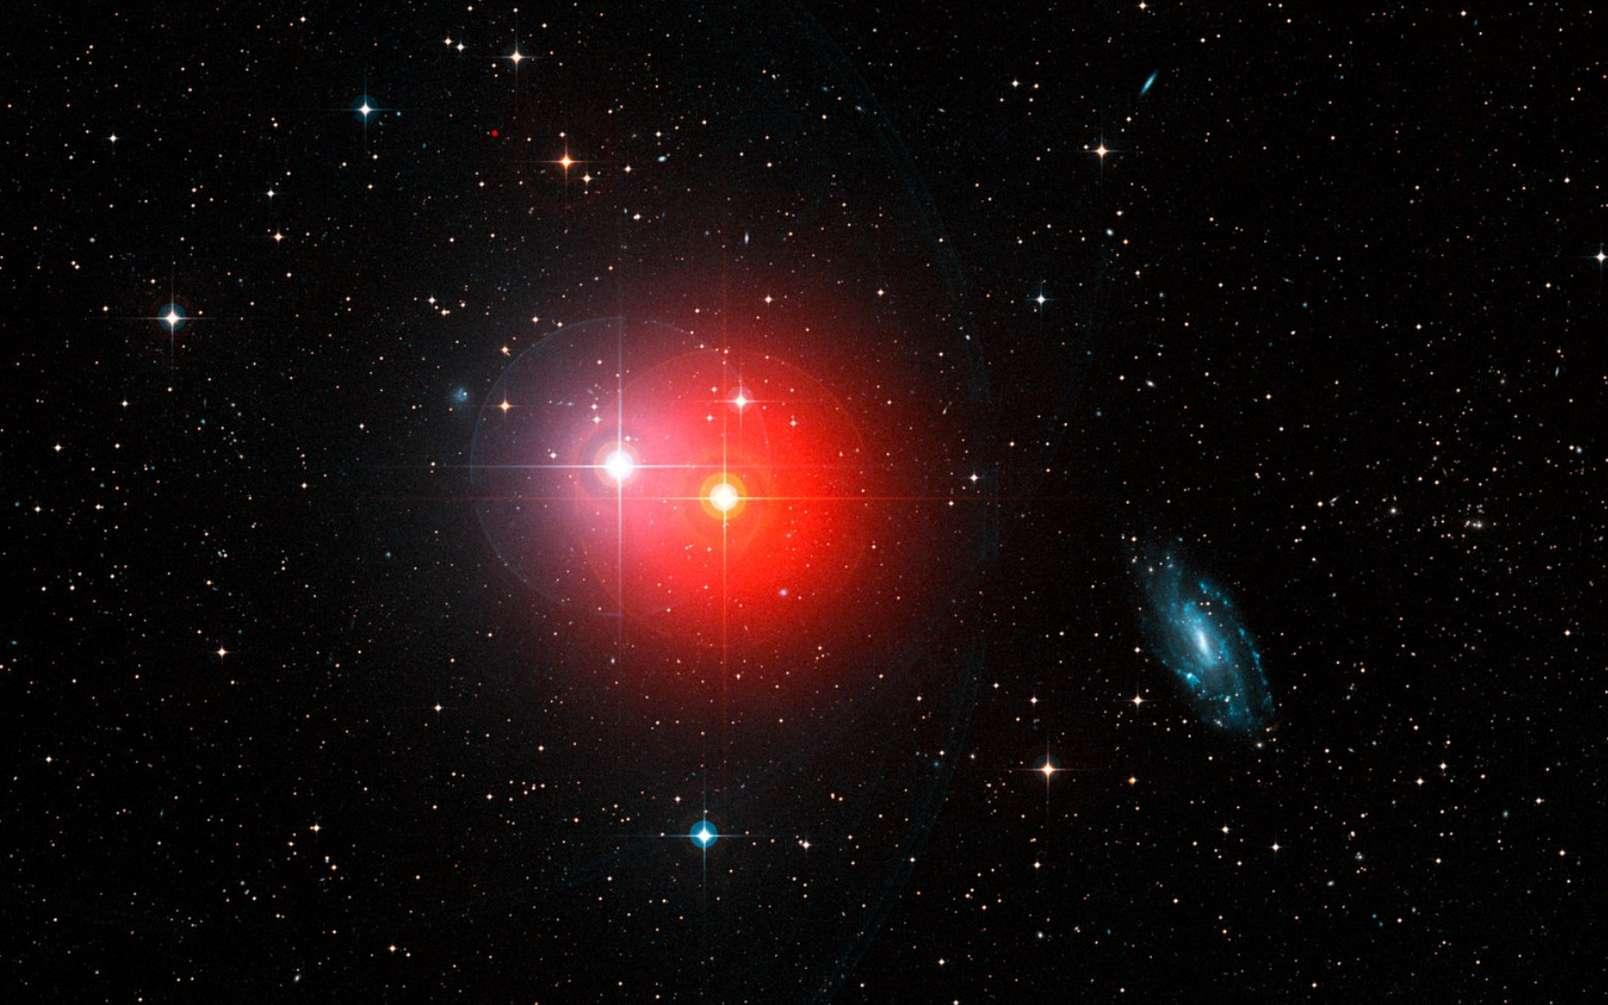 La géante rouge π1. Cette étoile énorme, en fin de vie, est en train de se dilater. ©